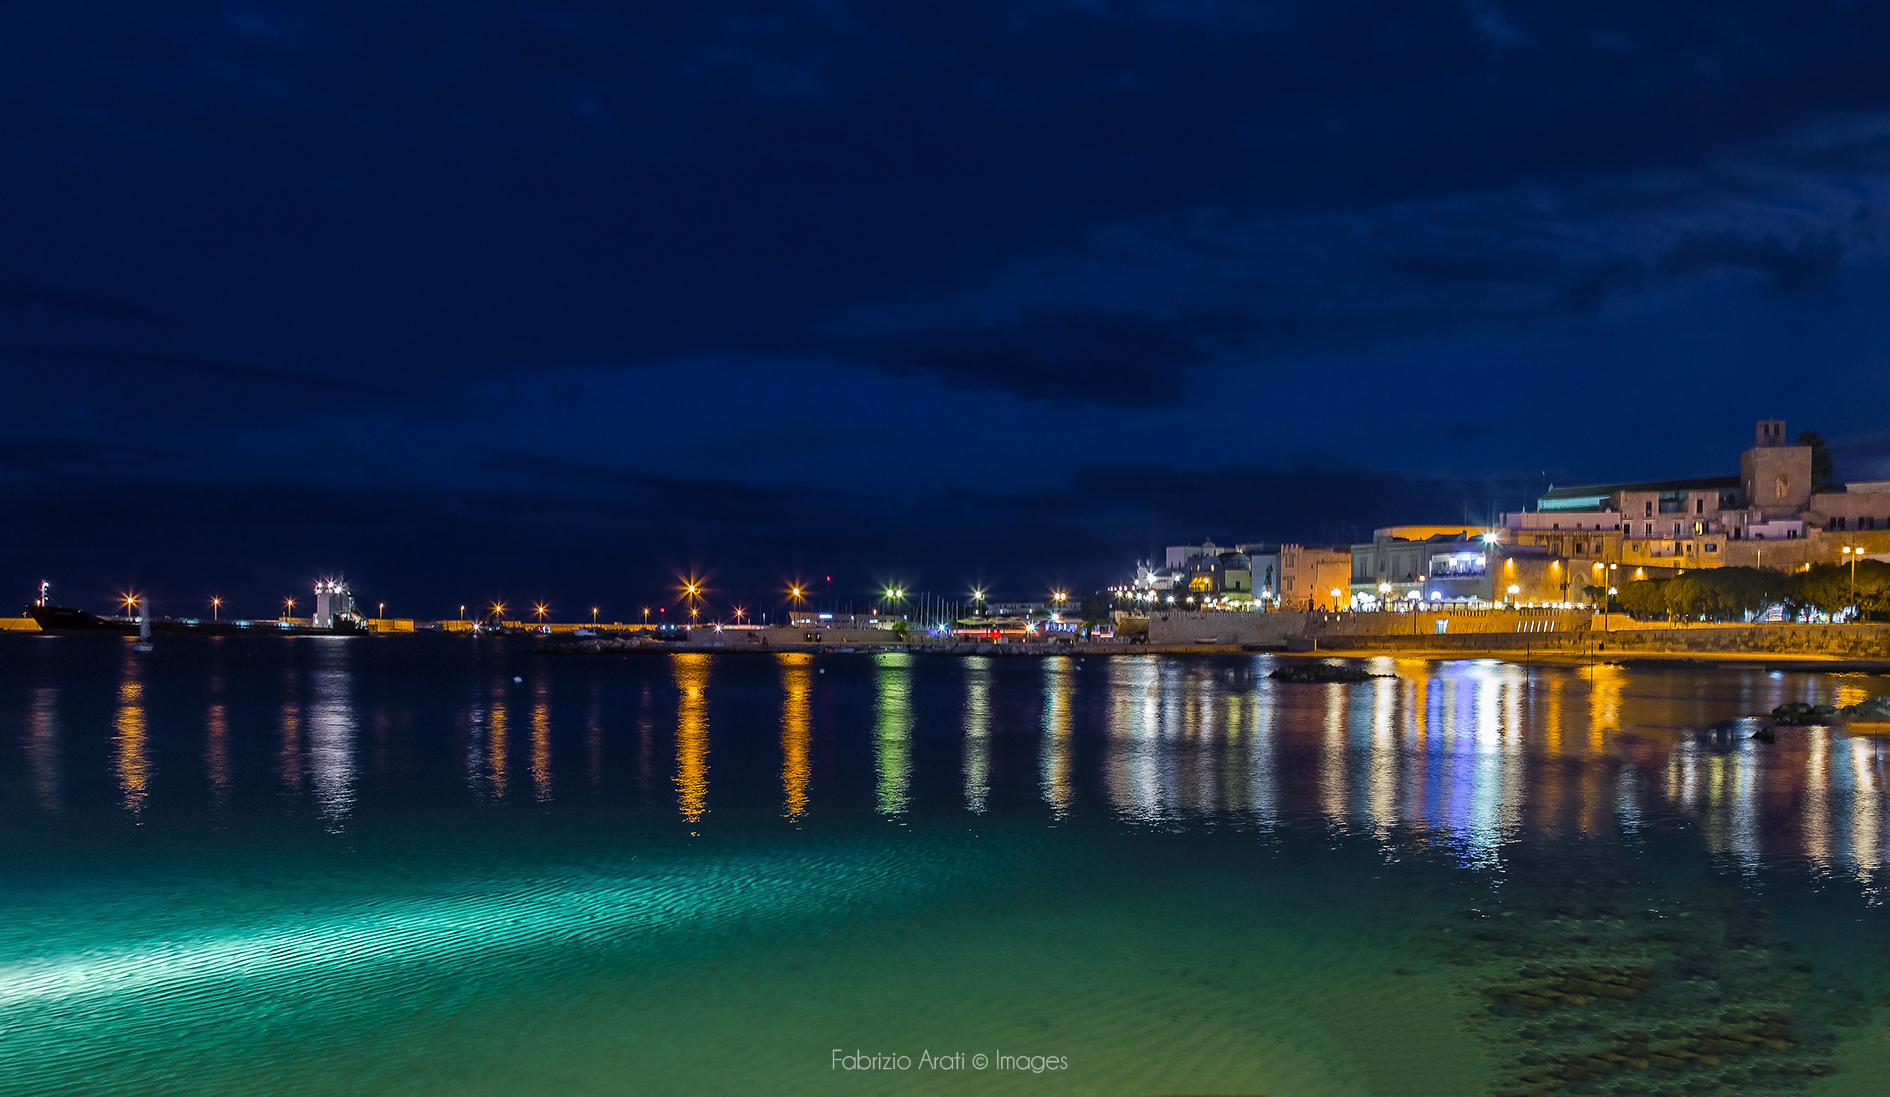 Ciudad de Otranto - 1890x1097